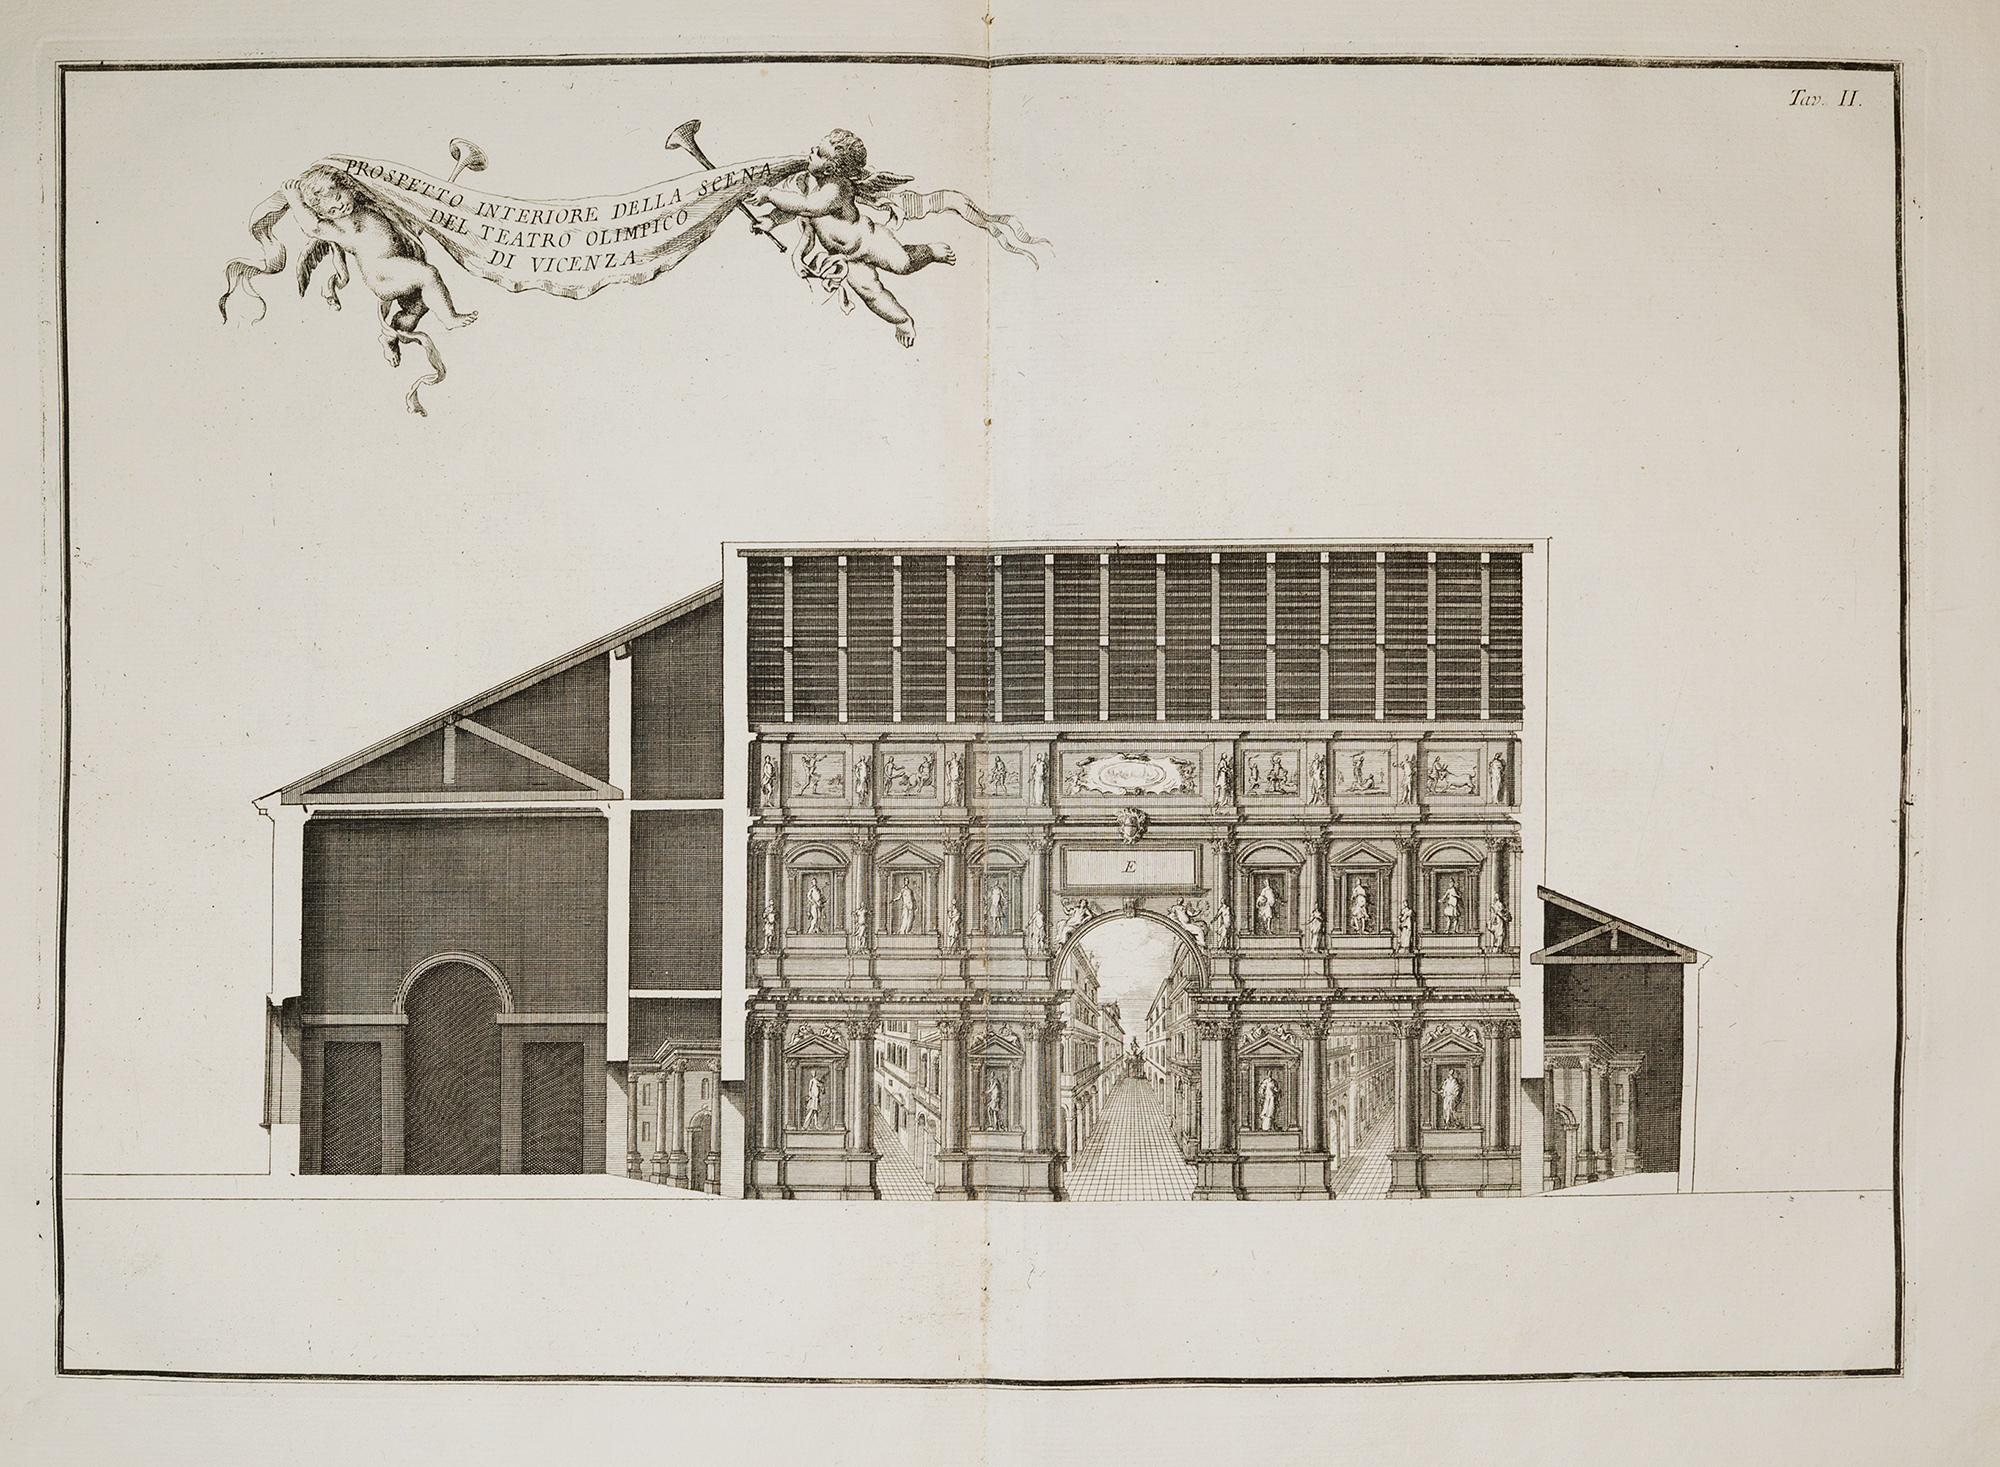 Delle fabbriche inedite di Andrea Palladio vicentino arricchite di tavole diligentemente incise in rame, con le osservazioni dell'architetto N. N. e con la traduzione francese